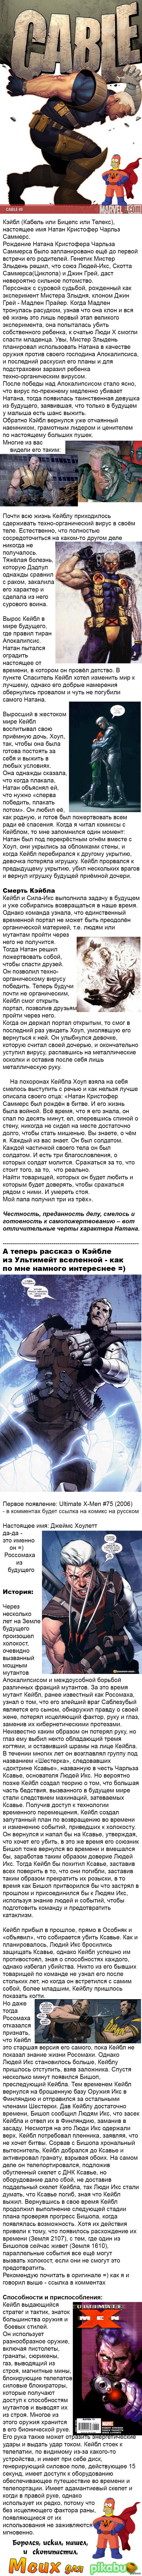 Cable (Кейбл) Пост обзор персонажа комиксов MARVEL - Кэйбла. Из оригинальной и ультимейт вселенных